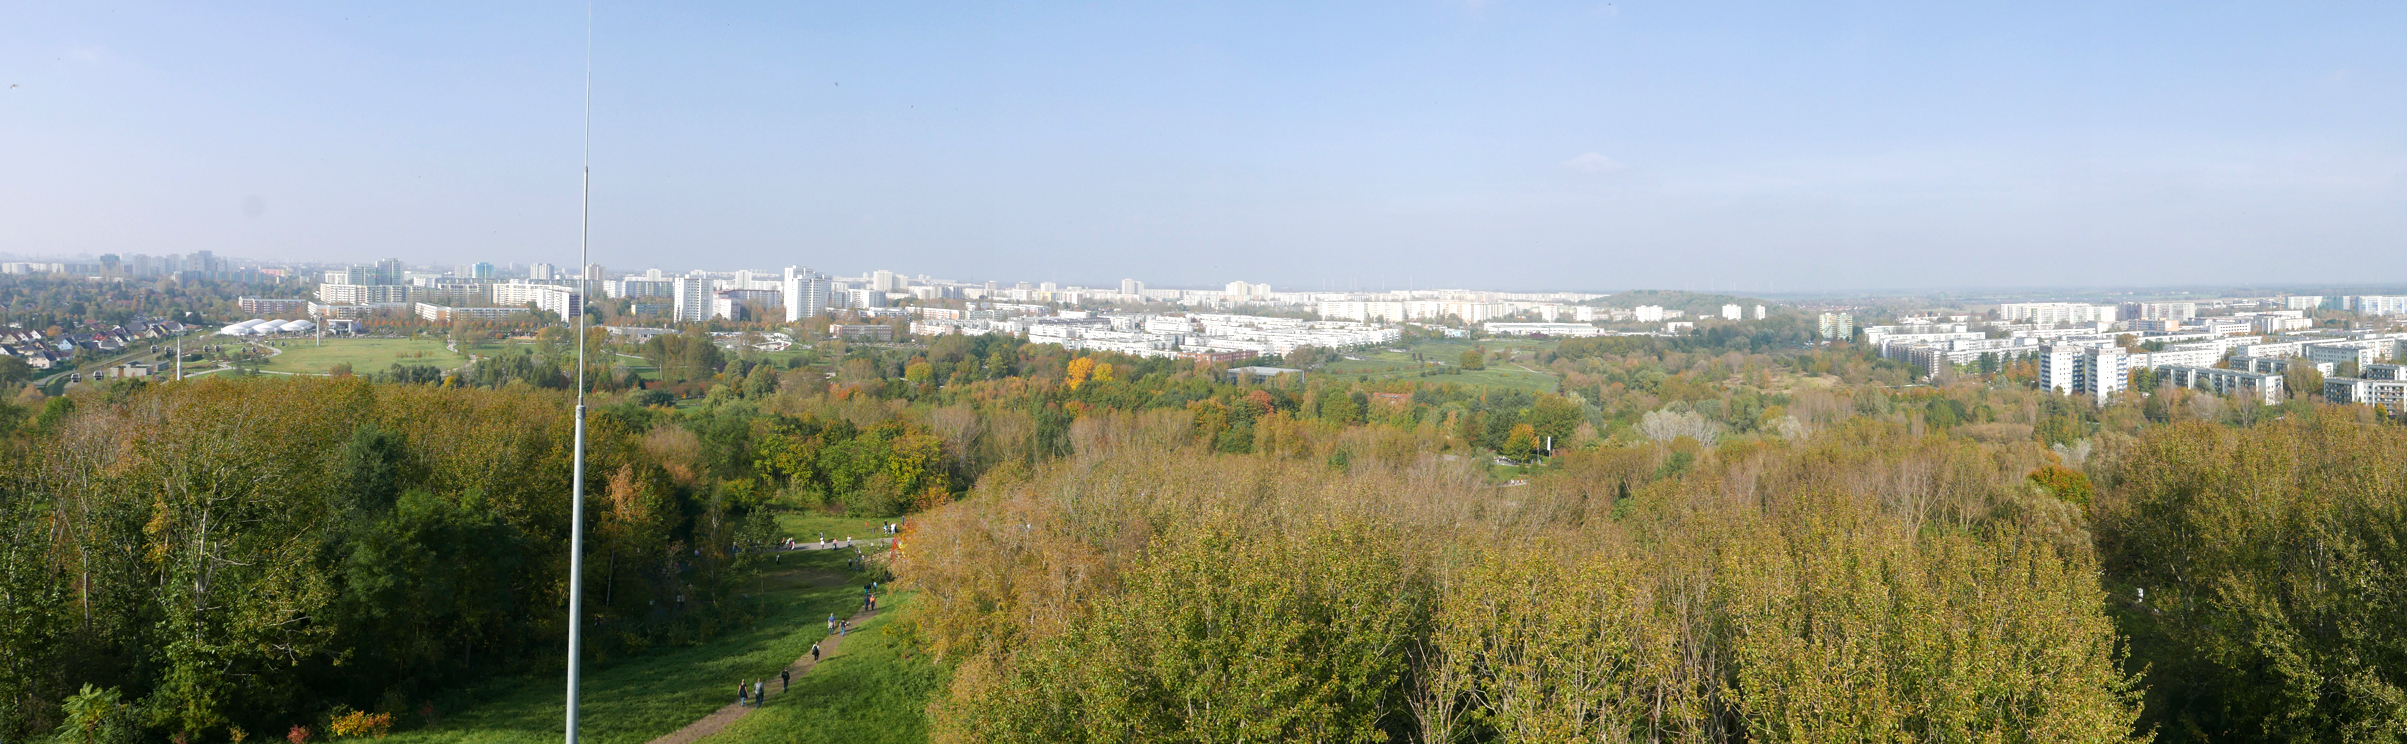 Panoramblick vom Aussichtsturm auf dem Kienberg über Marzahn-Hellerdorf